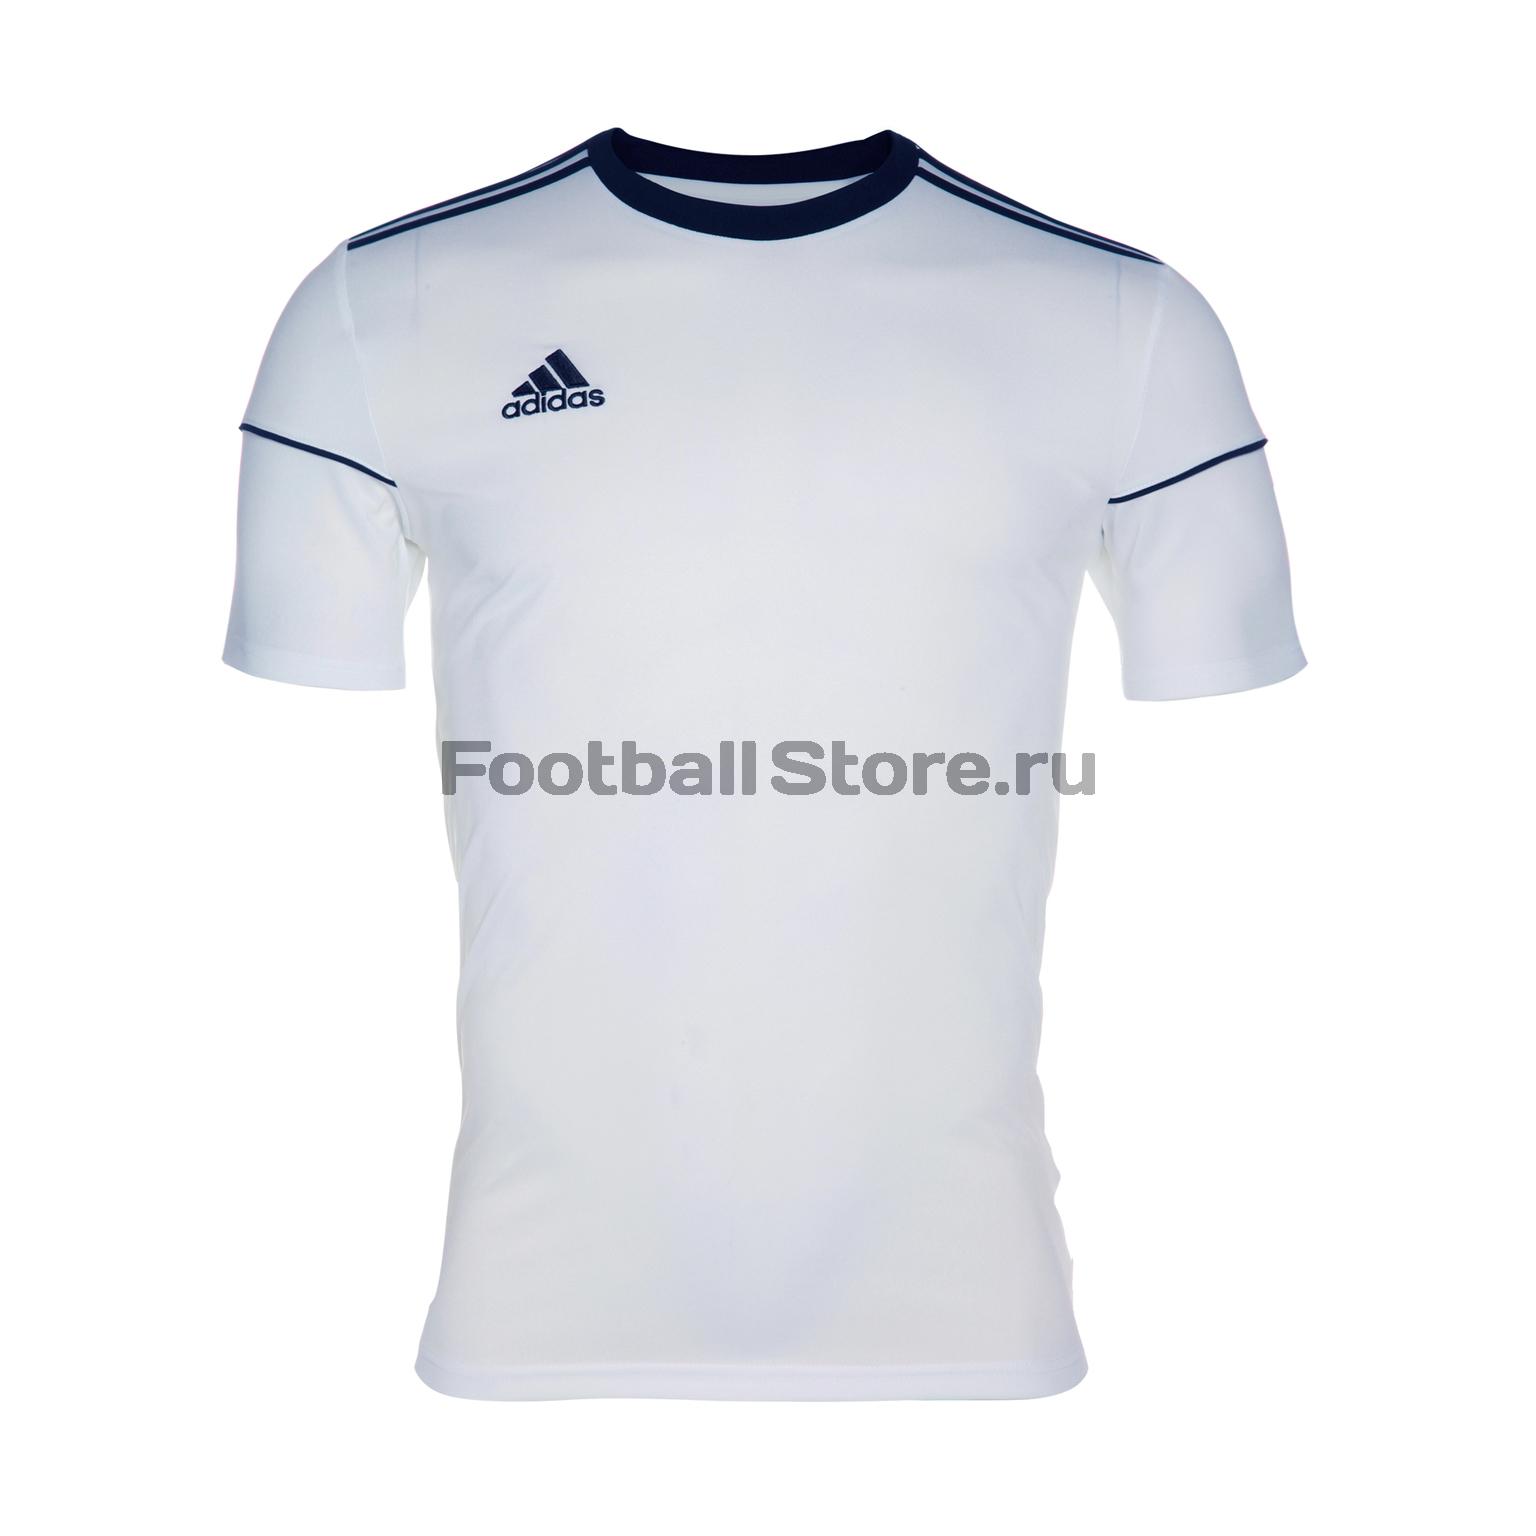 Футболки Adidas Футболка игровая Adidas Squad 17 BJ9175